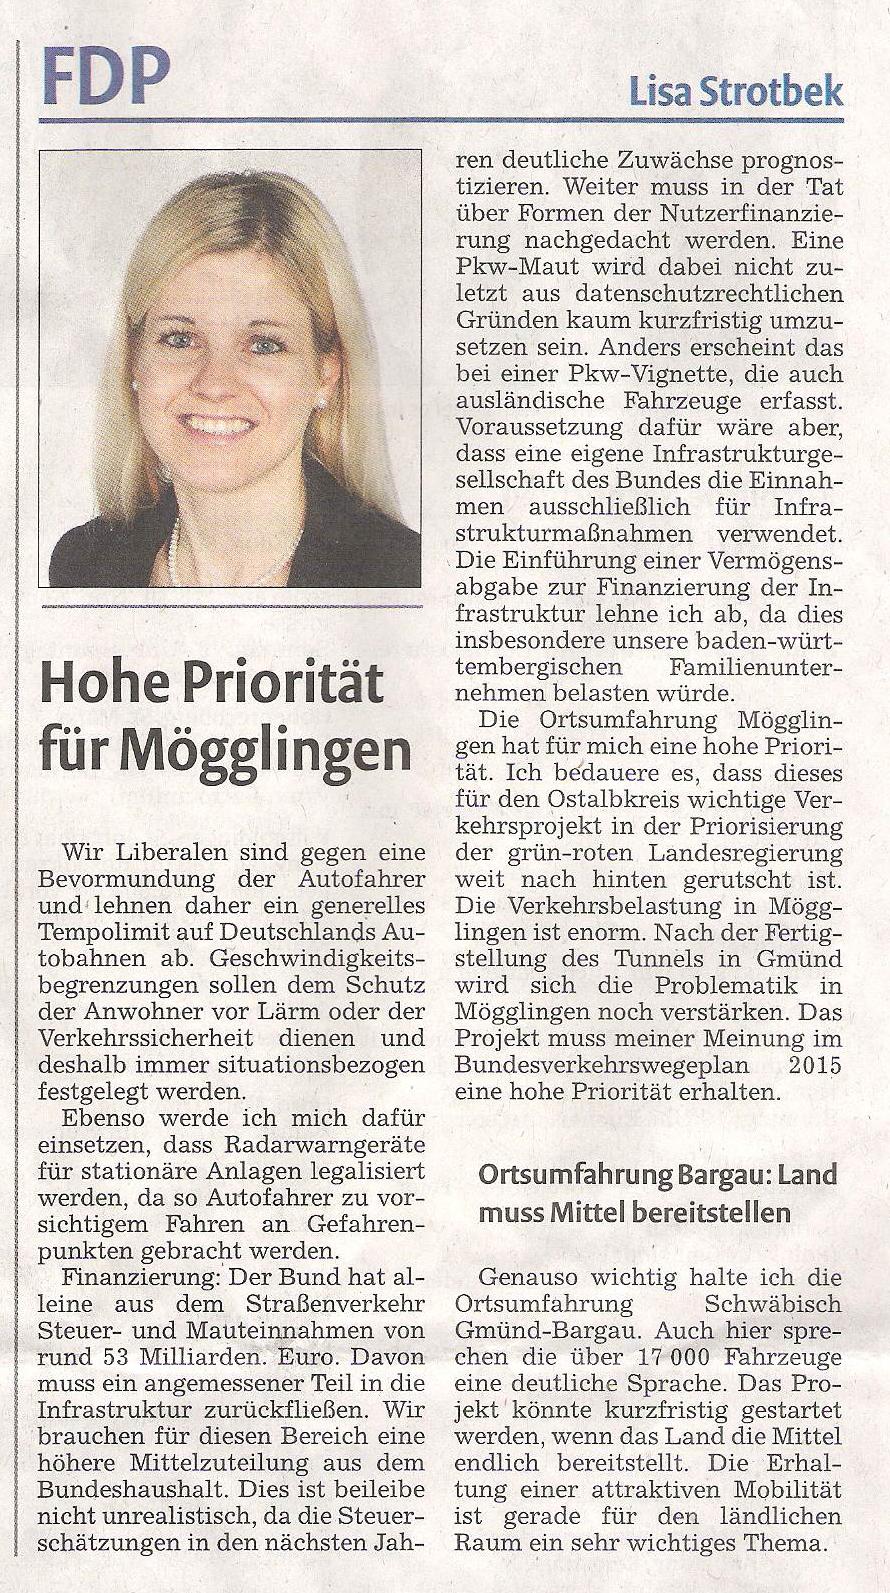 Remszeitung_Infrastruktur_24.08.2013